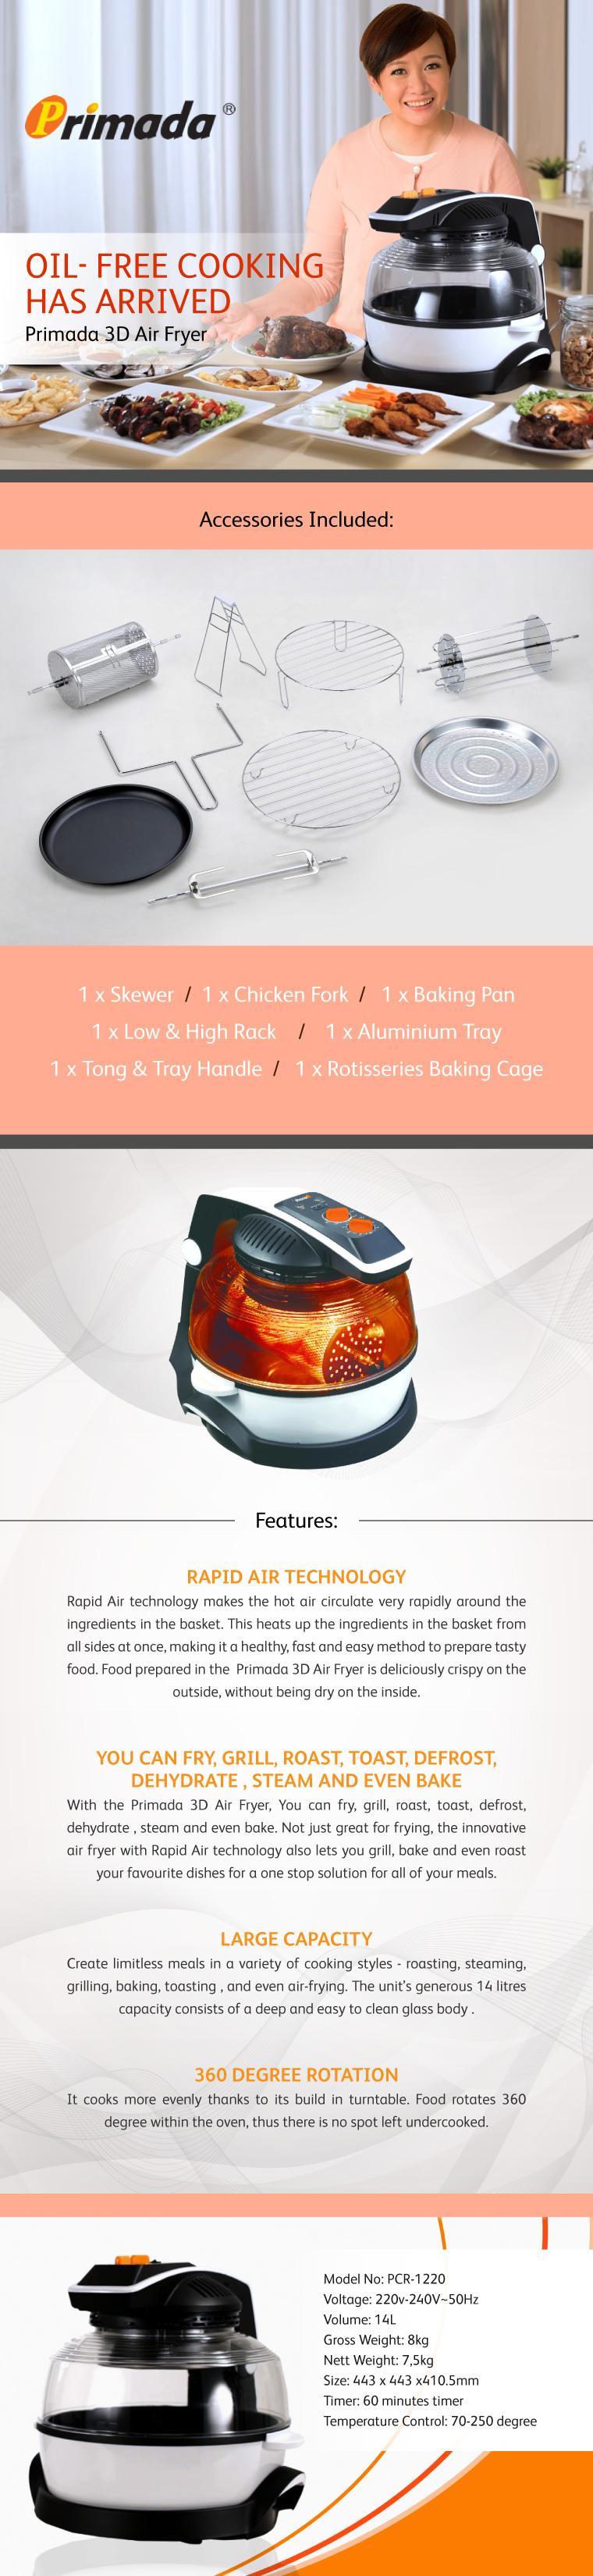 Primada 3D Air Fryer | Go Shop